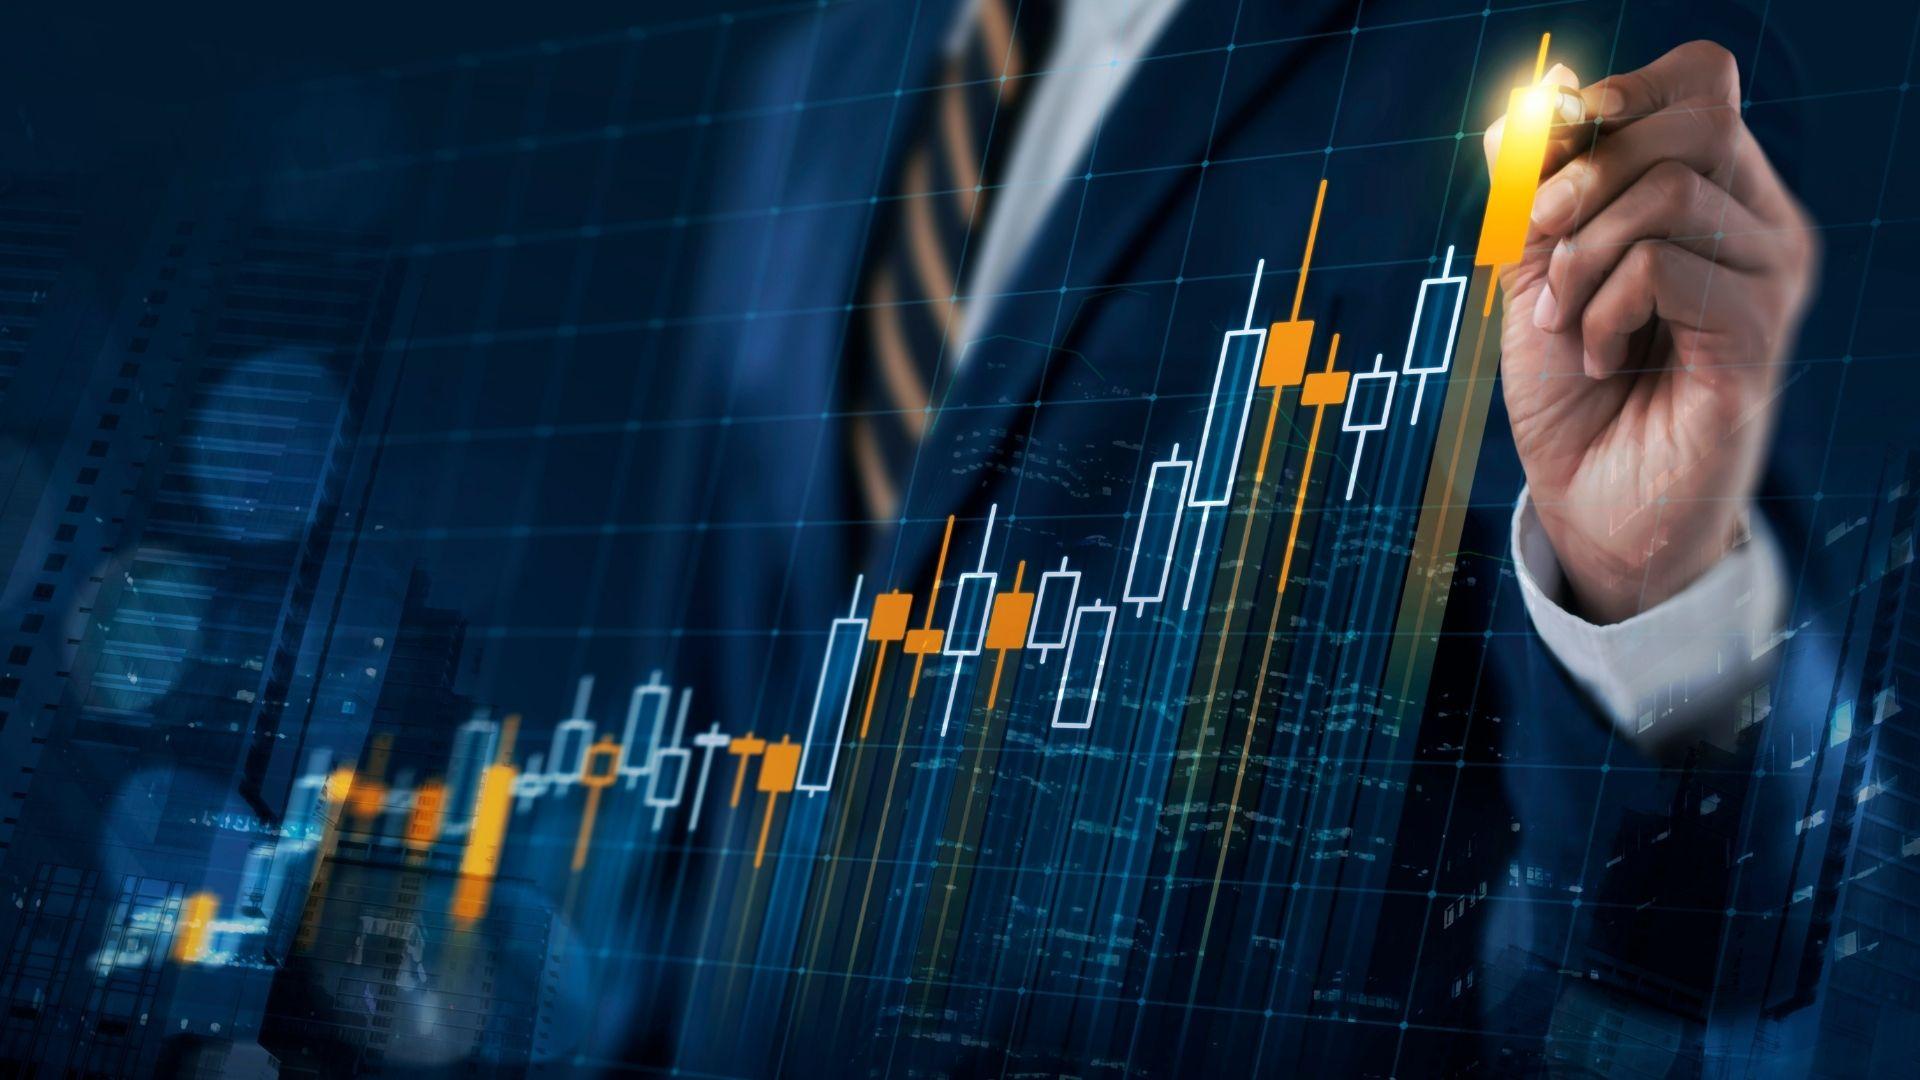 小資理財、投資理財規劃:3000元可以投資什麼?